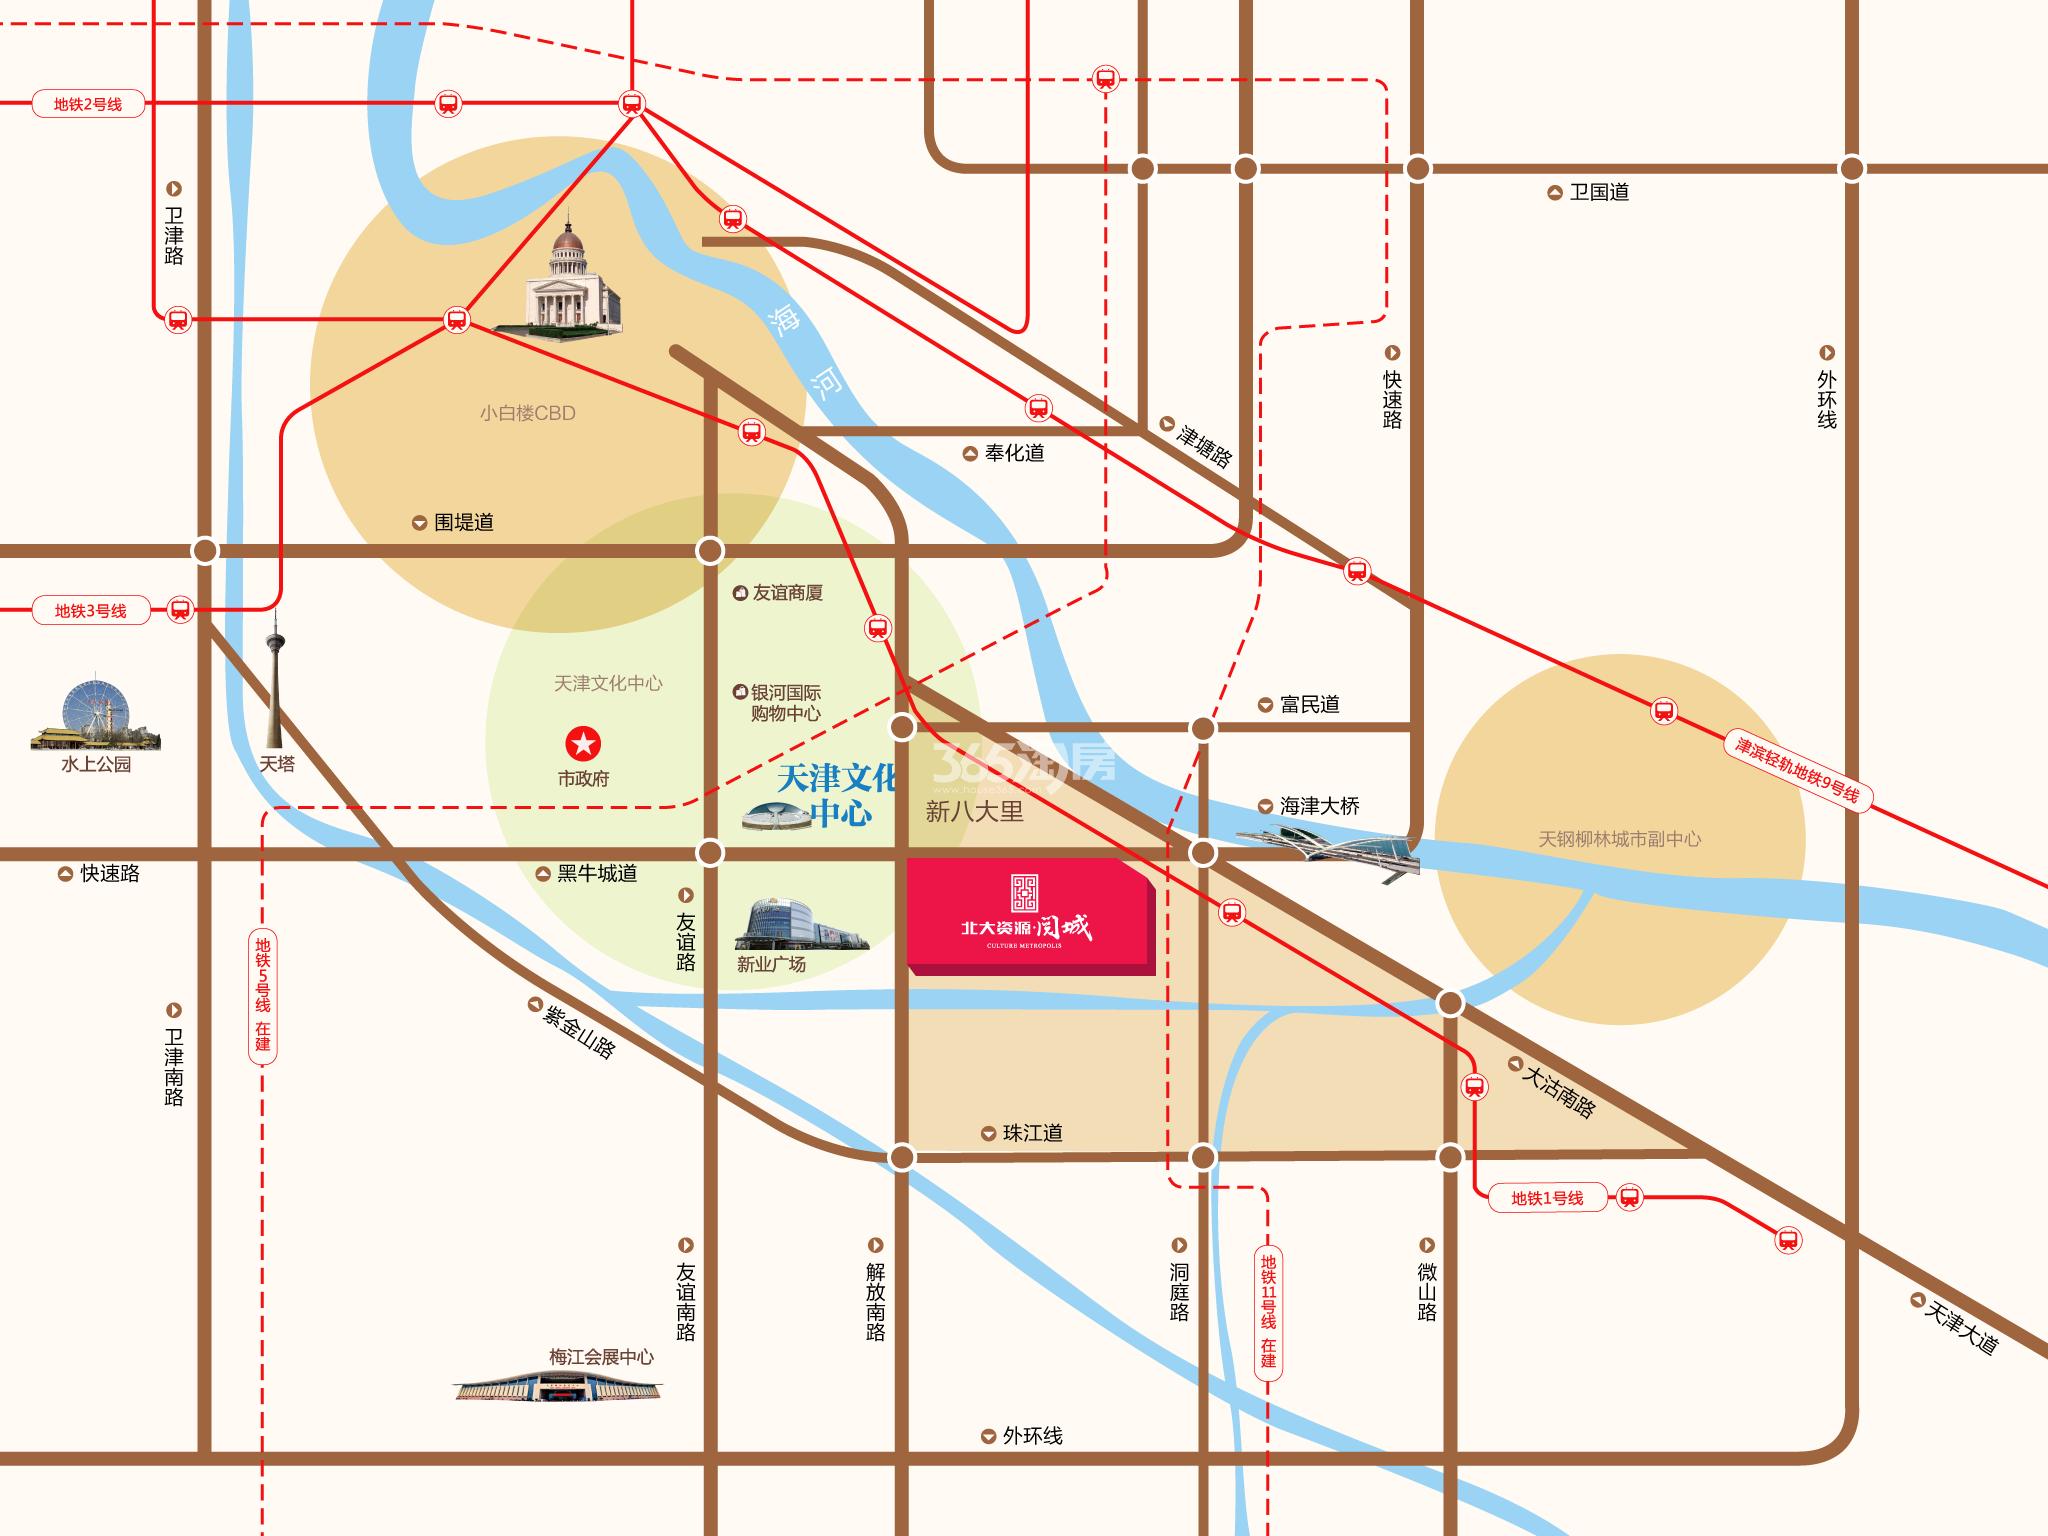 北大资源阅城交通图